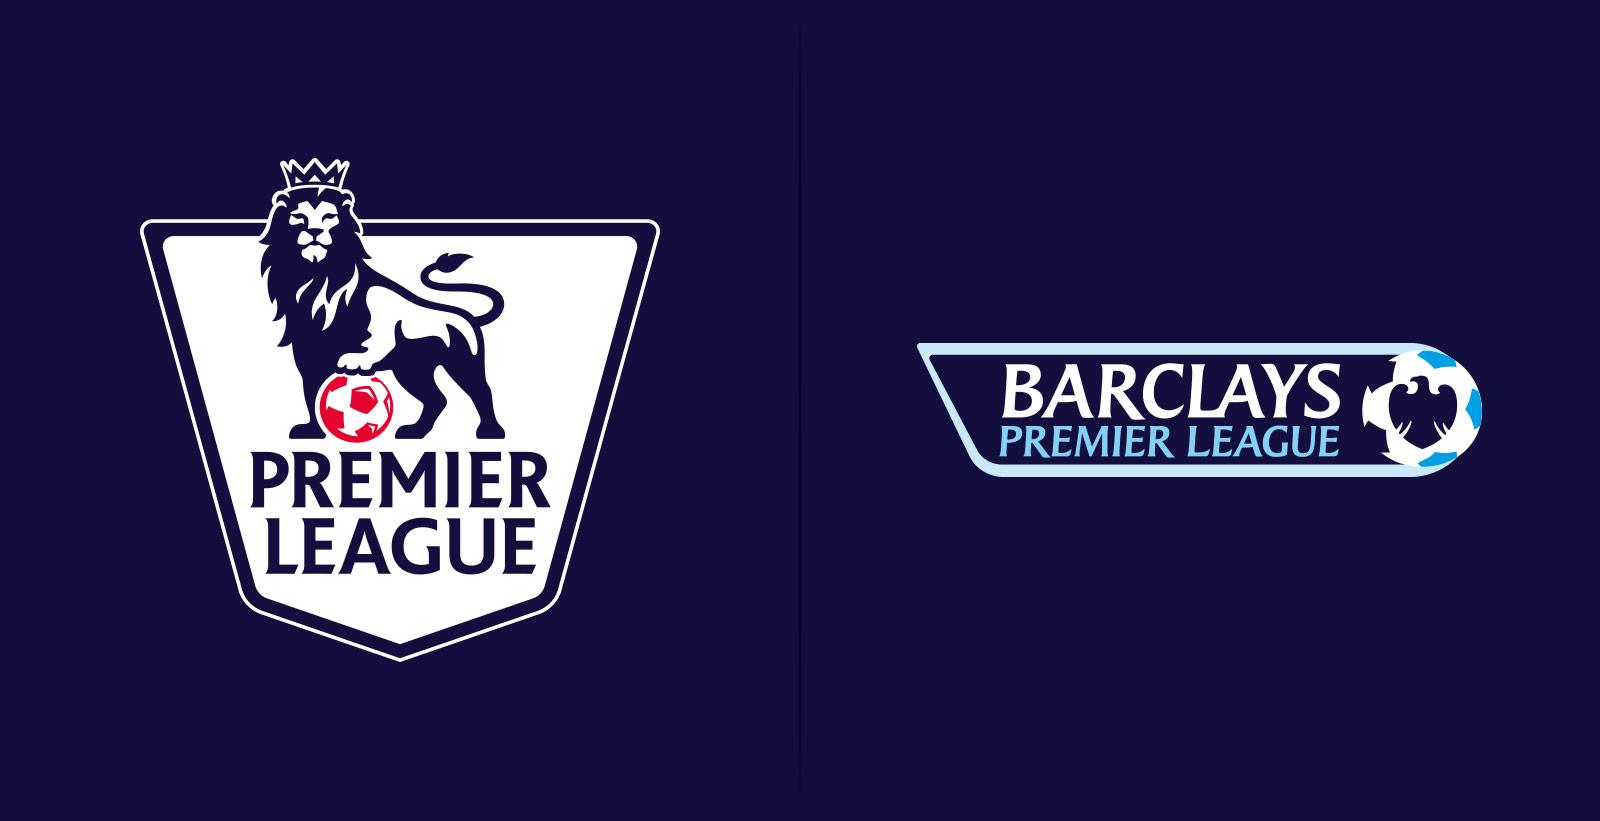 Premier League em português Primeira Liga é uma liga profissional de futebol da Inglaterra e está no topo do sistema de ligas do futebol inglês sendo a